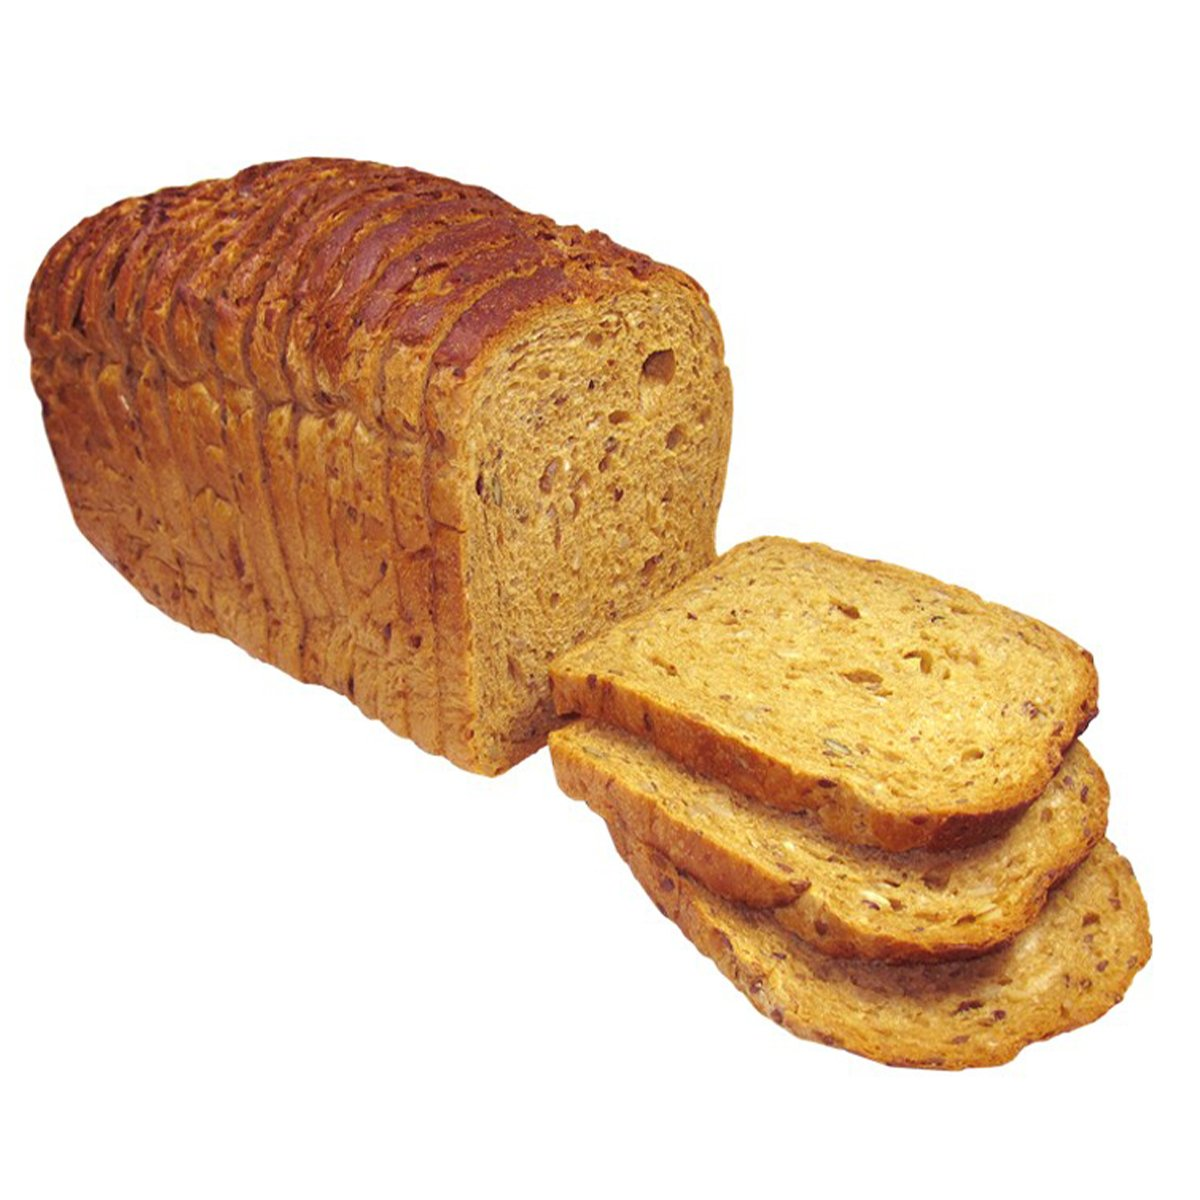 738 Large Multiseed GI Bread